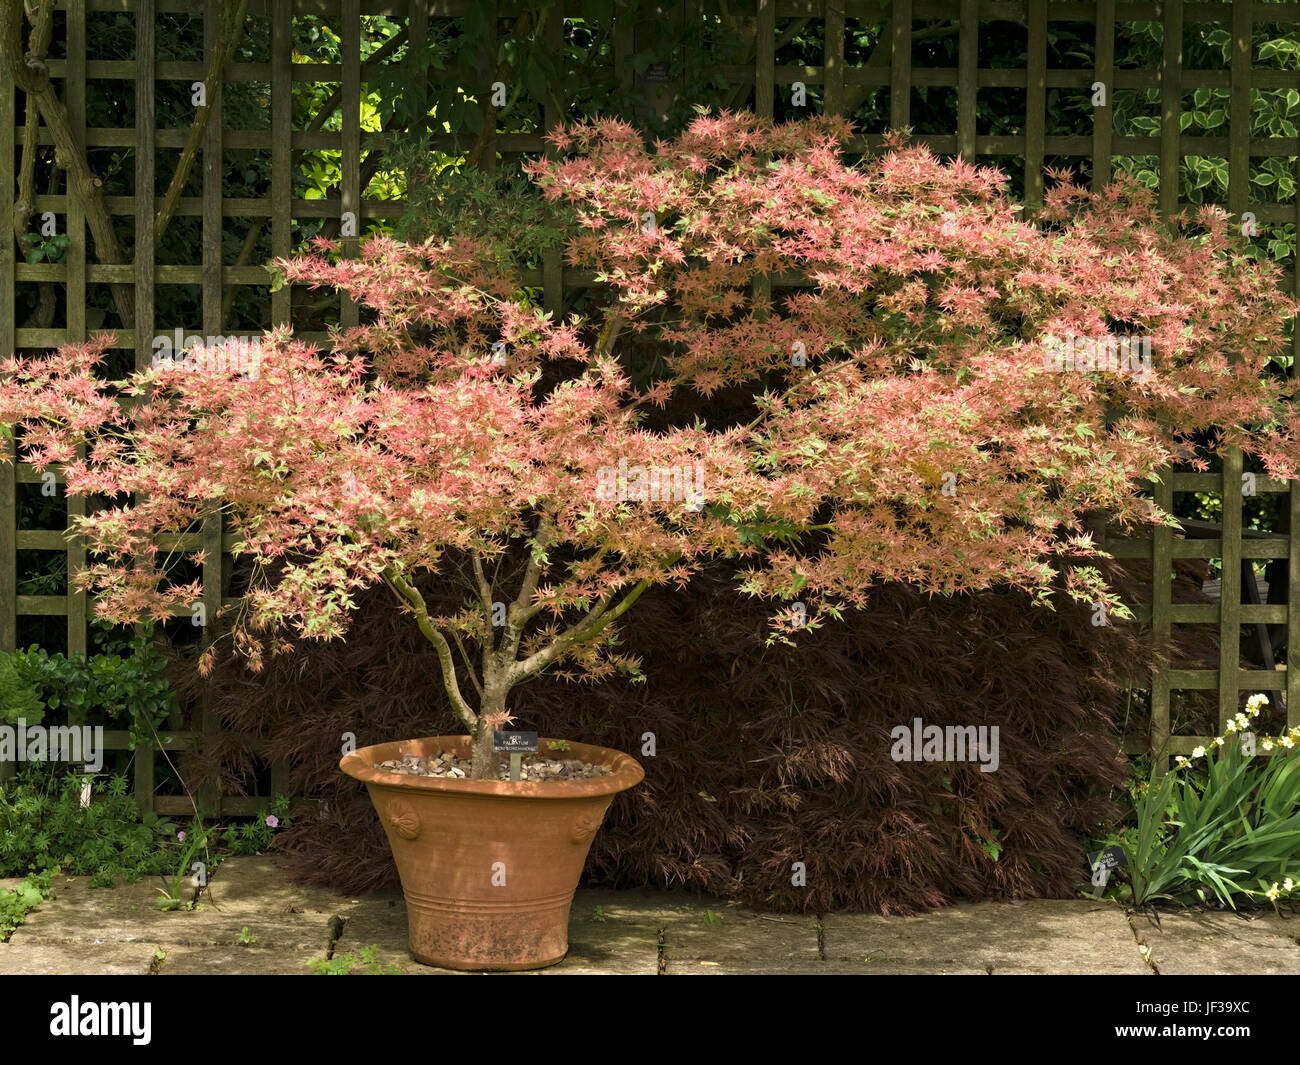 japanischer ahorn acer palmatum beni schichihenge in terrakotta terrasse topf mit spalier. Black Bedroom Furniture Sets. Home Design Ideas